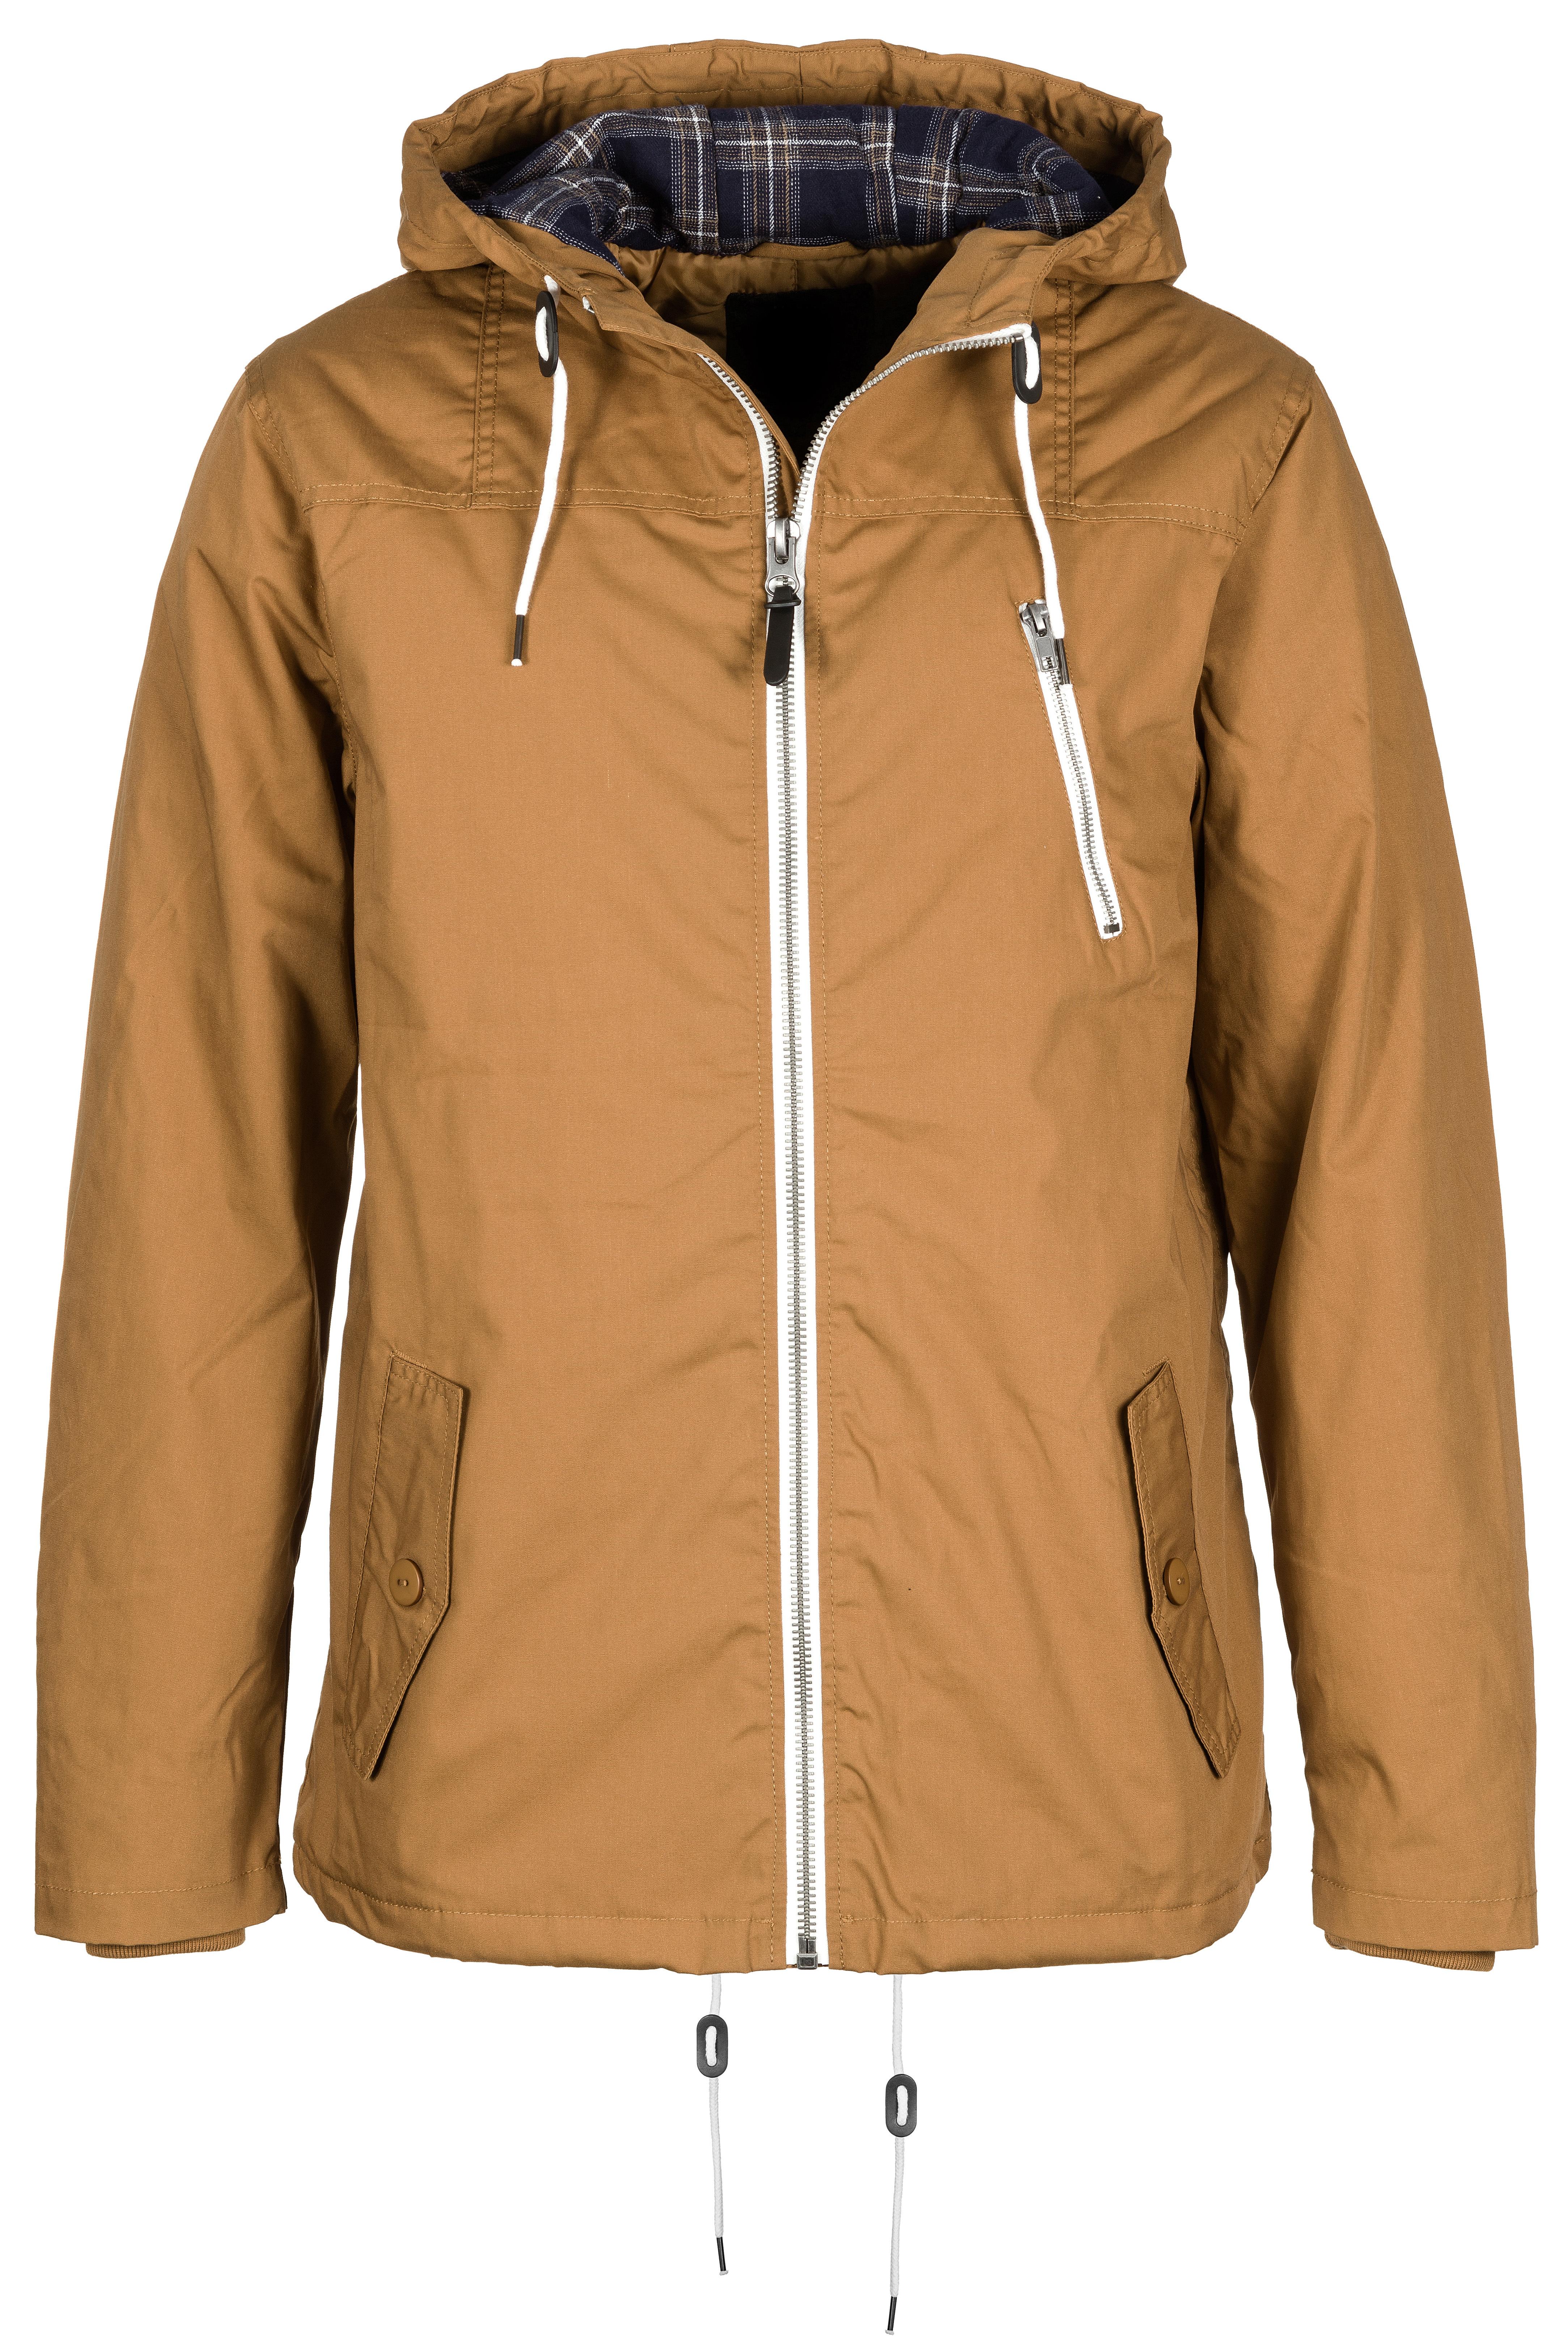 Custom made jackets (15)